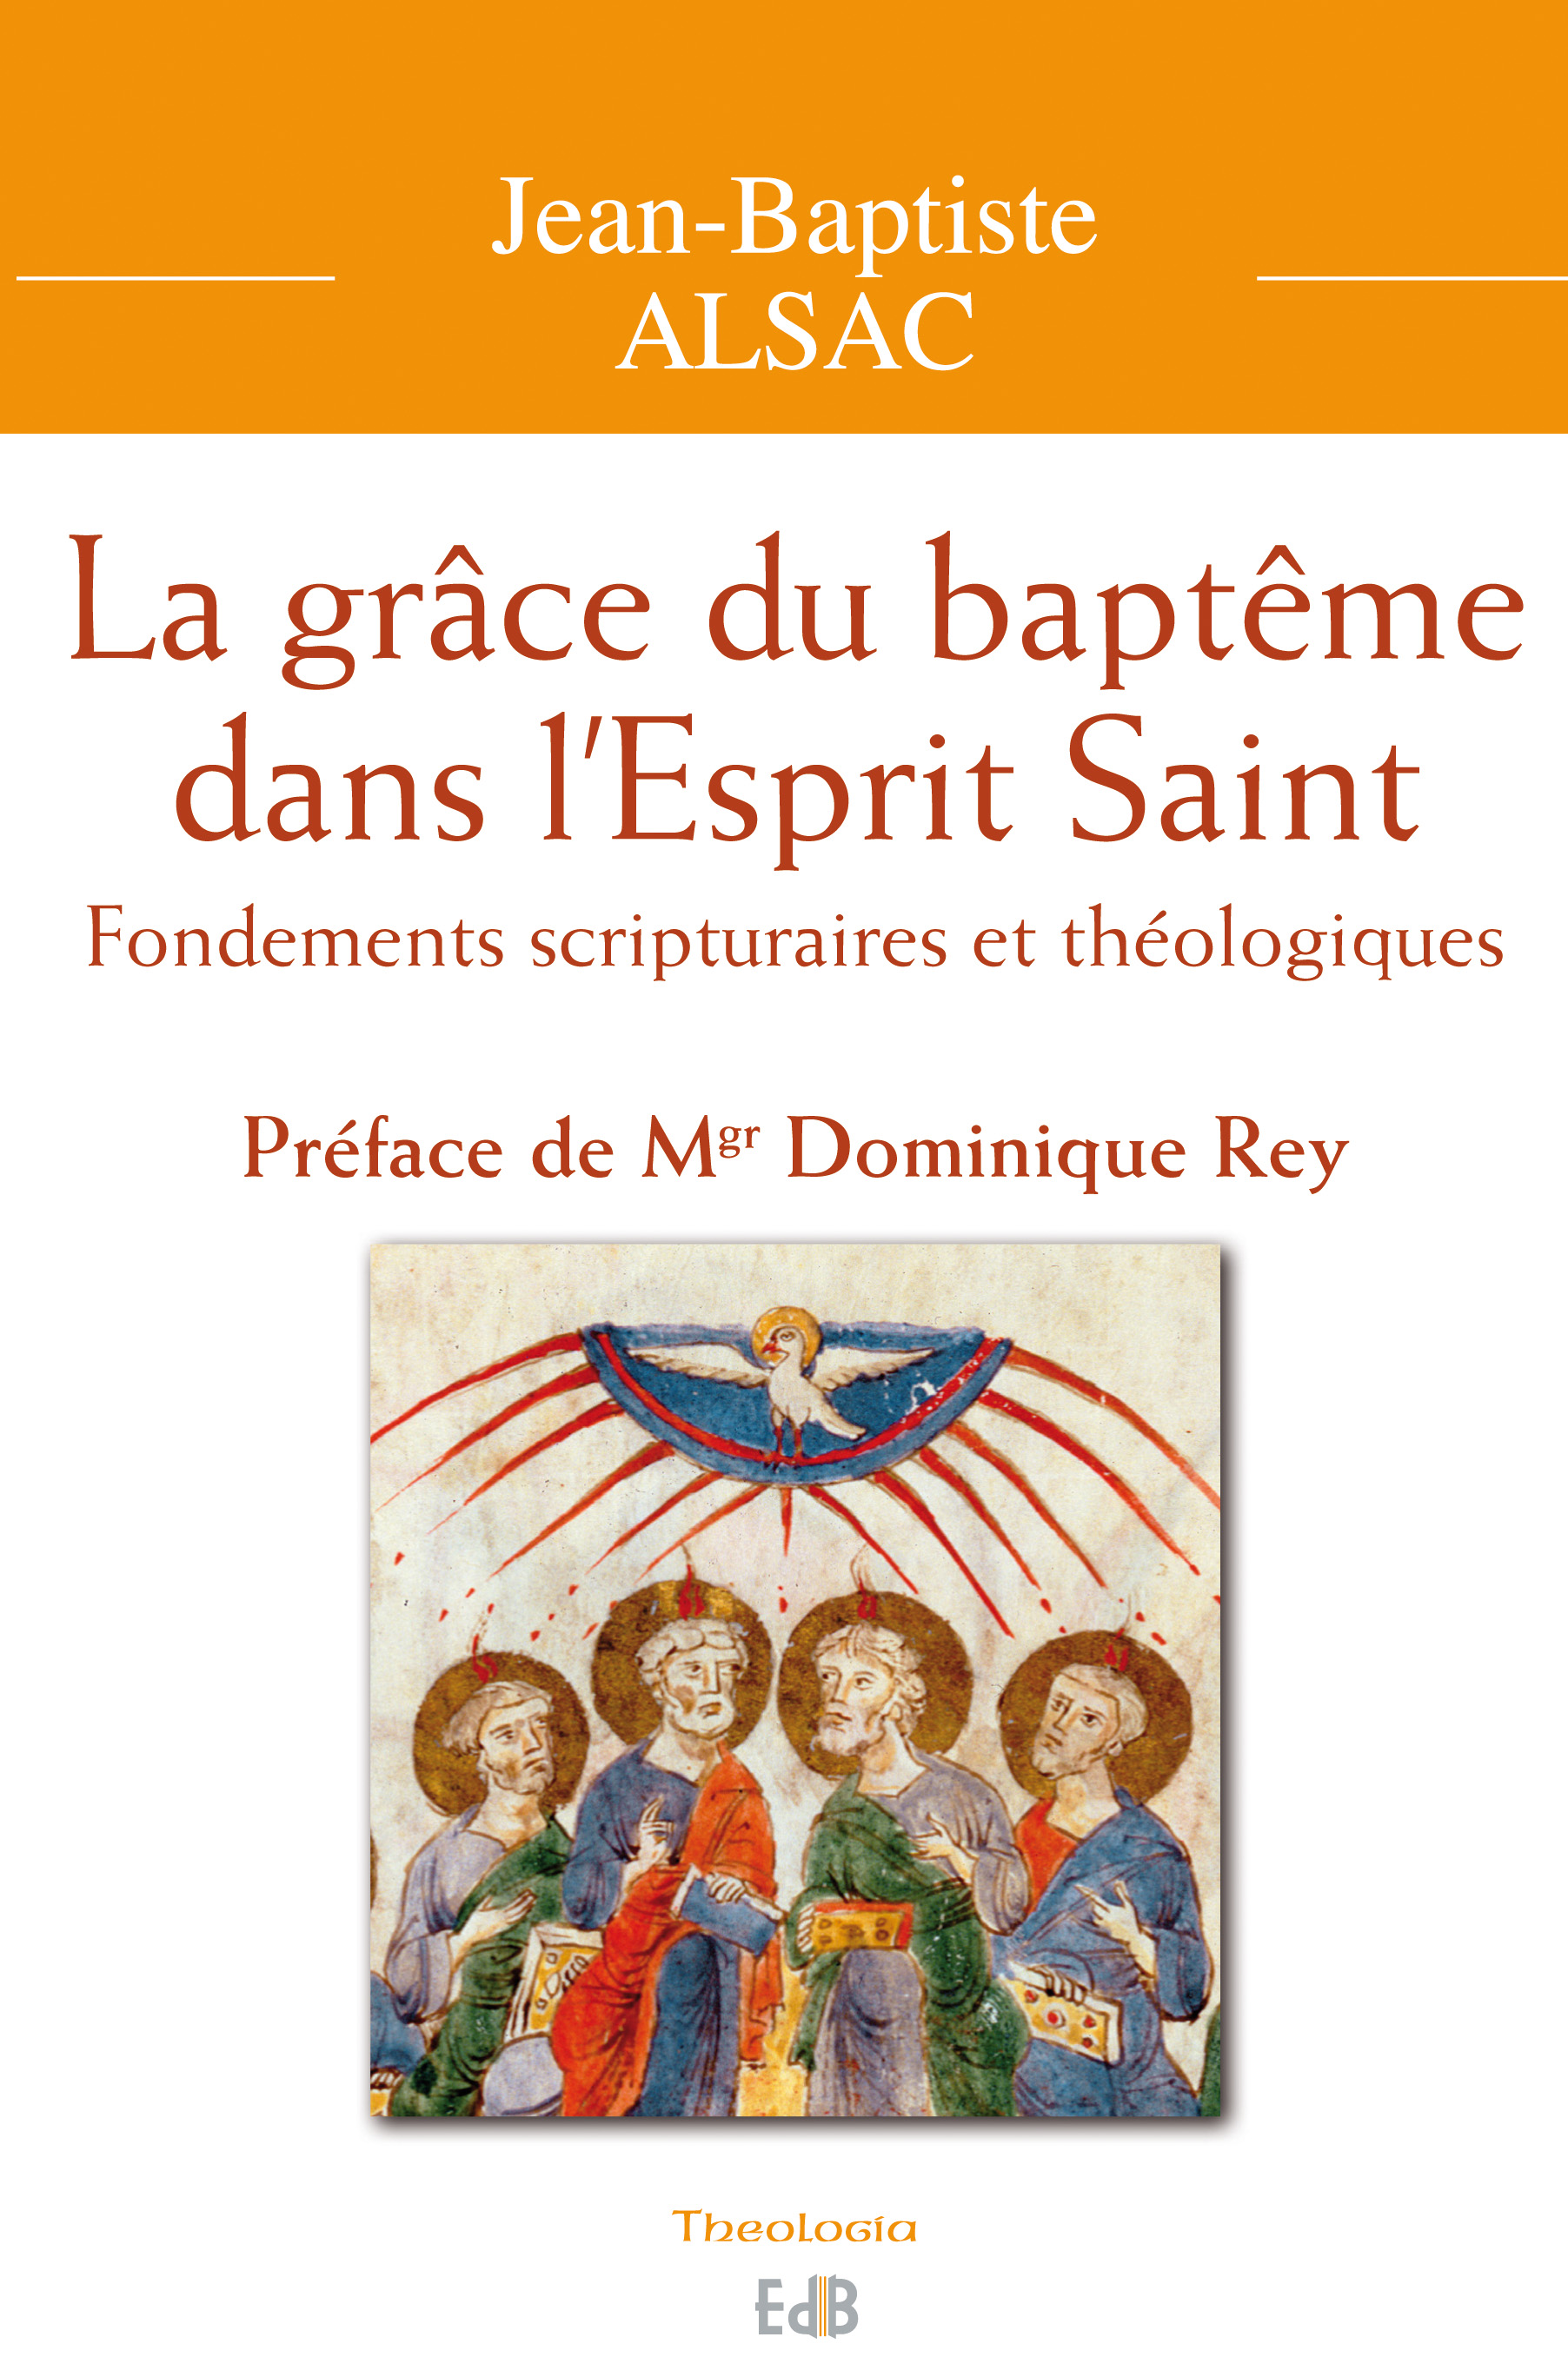 LA GRACE DU BAPTEME DANS L'ESPRIT SAINT, FONDEMENTS SCRIPTURAIRES ET THEOLOGIQUES